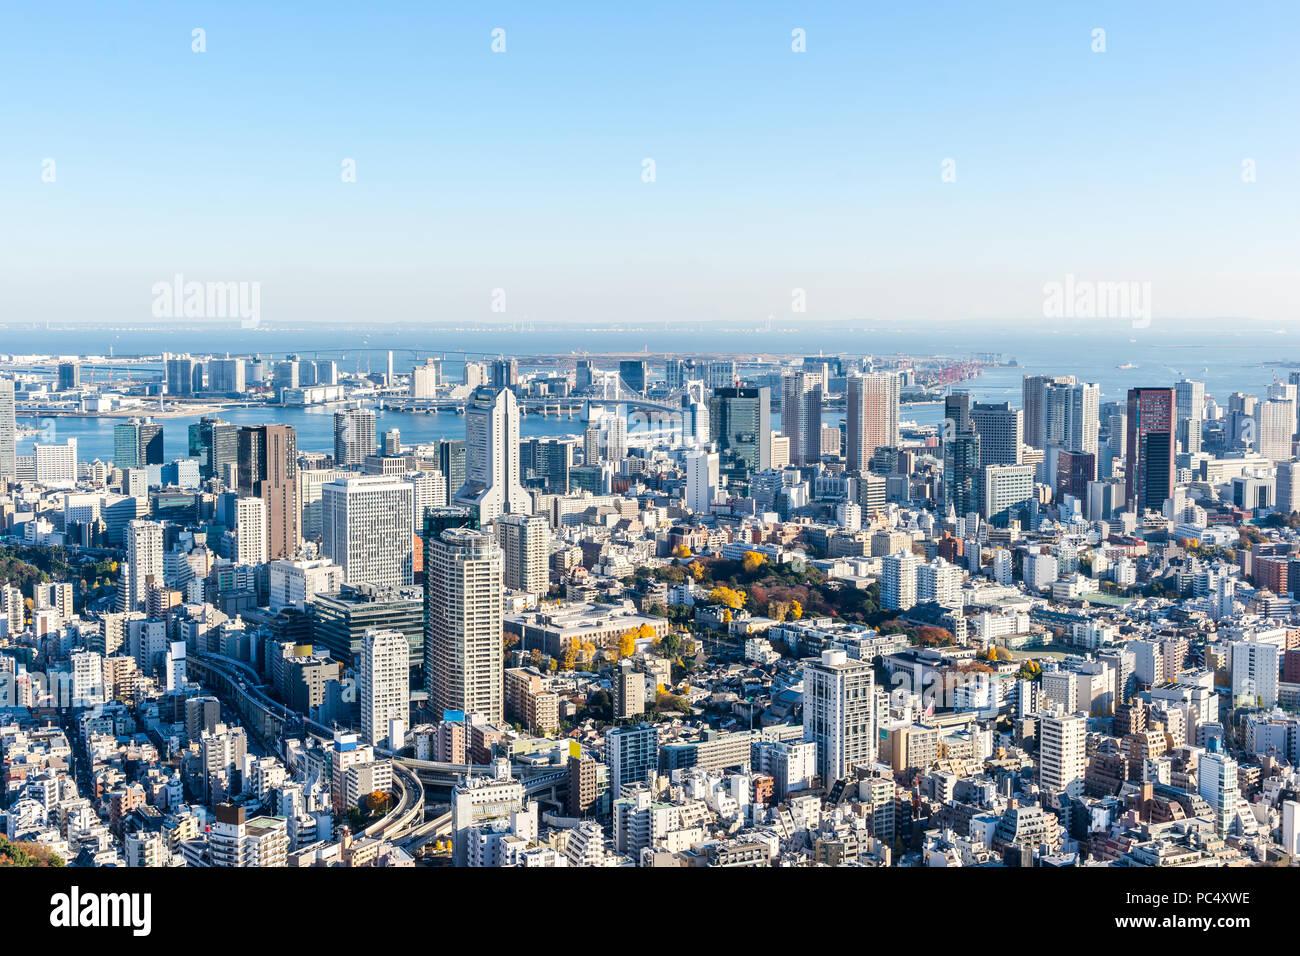 Asien Business Konzept für Immobilien und Corporate Bau - Panoramablick auf die moderne Skyline der Stadt aus der Vogelperspektive Luftaufnahme von Odaiba & Tokyo Metropolitan E Stockbild